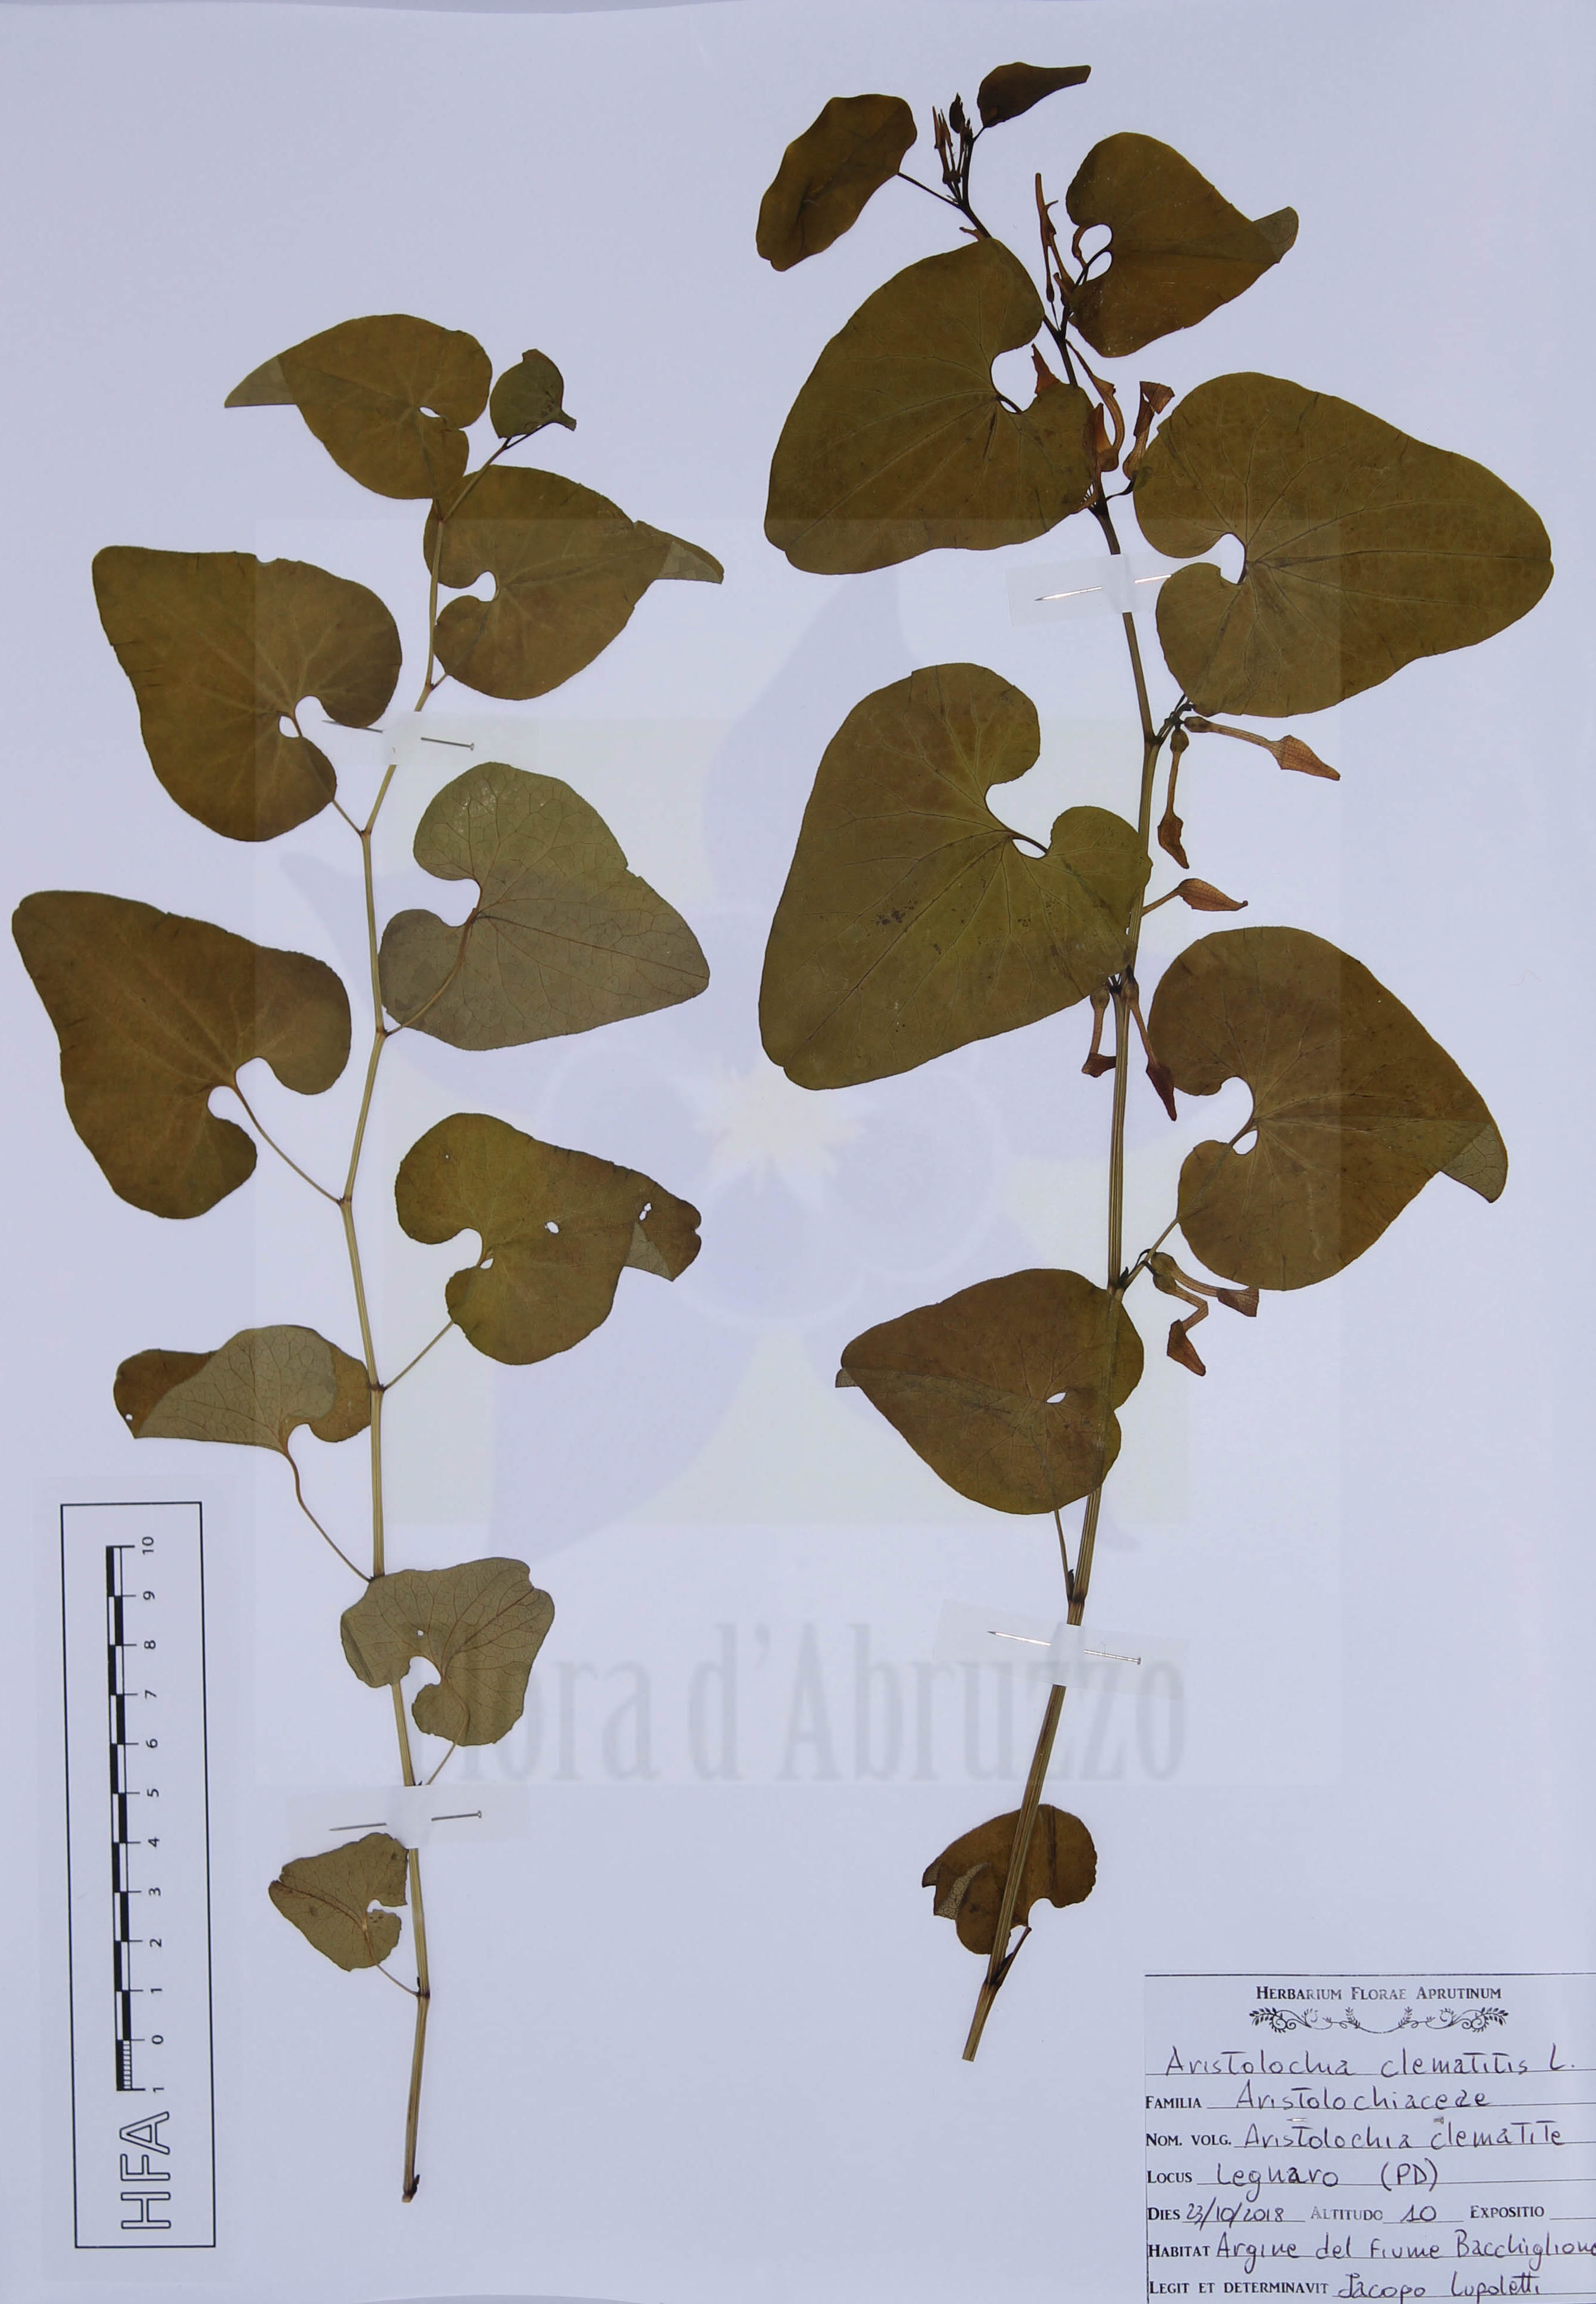 Aristolochia clematitis  L.